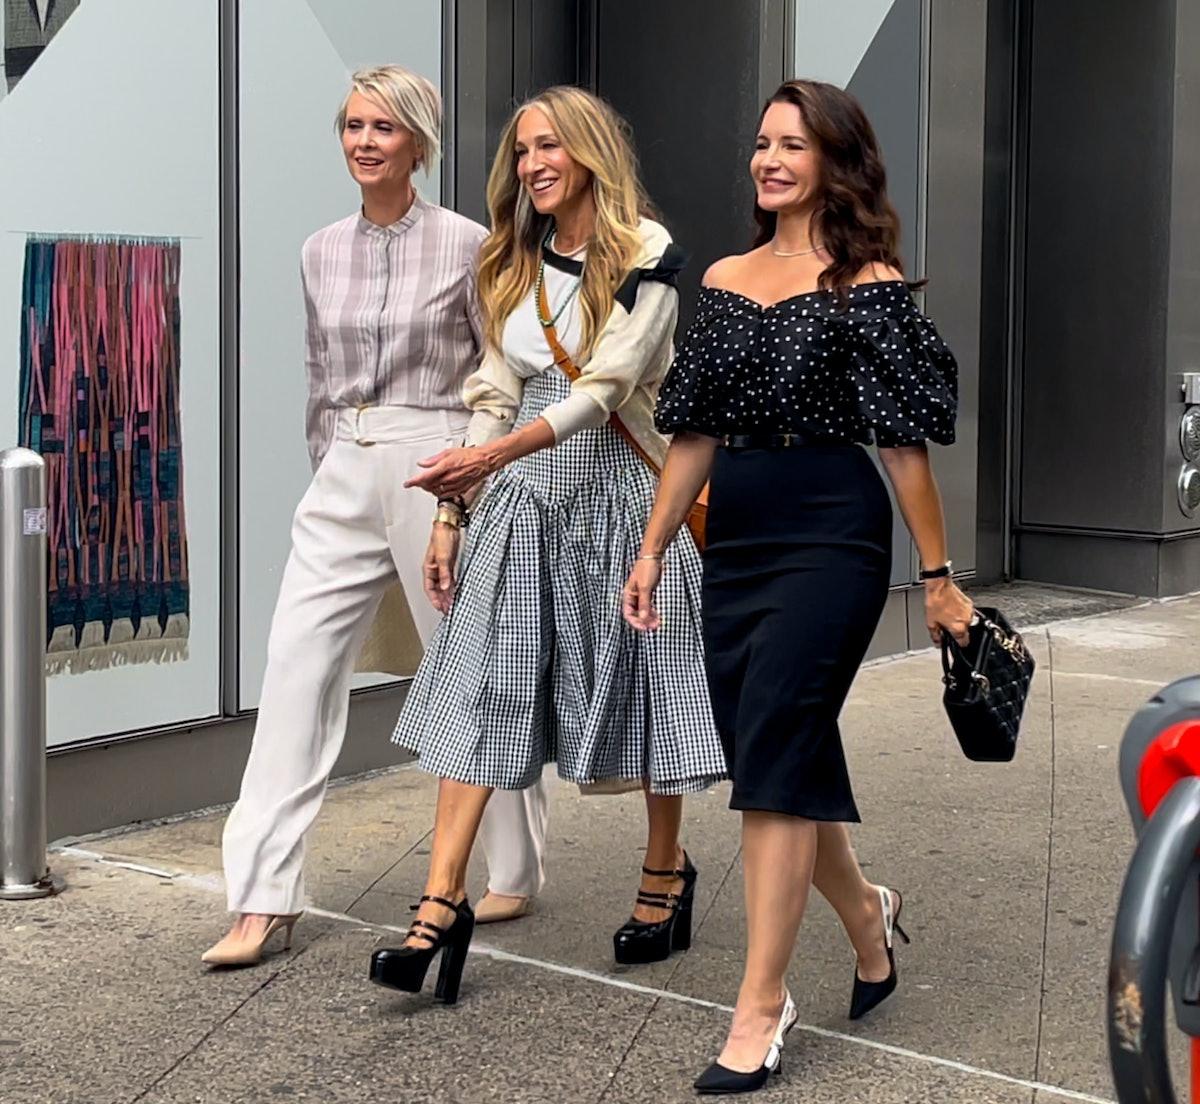 سینتیا نیکسون ، سارا جسیکا پارکر و کریستین دیویس در مجموعه فیلم And Just Like That ...